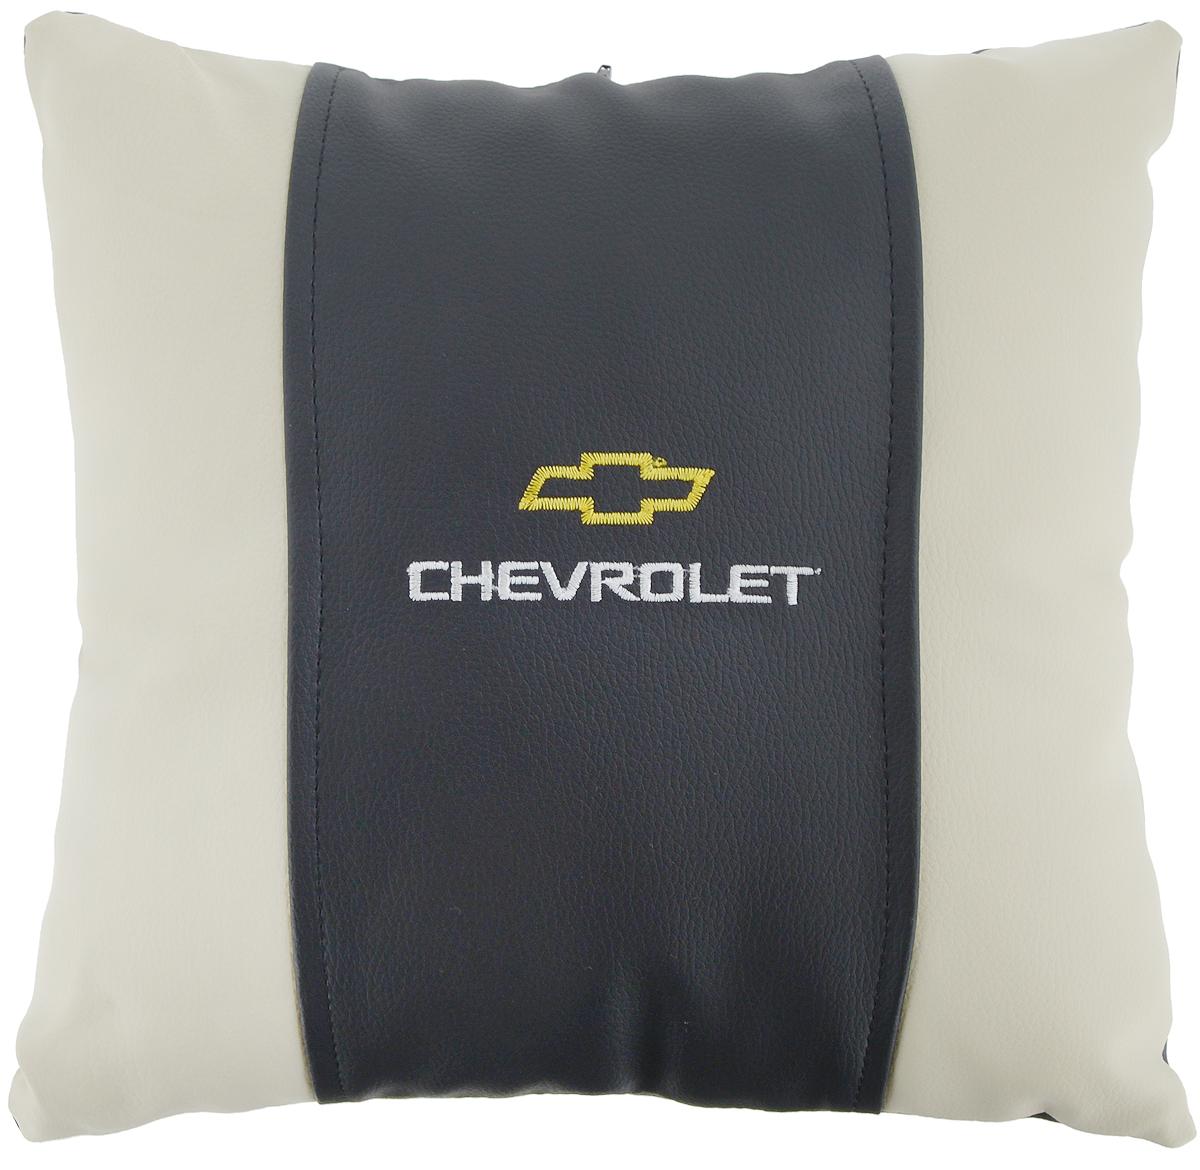 Подушка на сиденье Autoparts Chevrolet, 30 х 30 см98298130Подушка на сиденье Autoparts Chevrolet создана для тех, кто весь свой день вынужден проводить за рулем. Чехол выполнен из высококачественной дышащей экокожи. Наполнителем служит холлофайбер. На задней части подушки имеется змейка.Особенности подушки:- Хорошо проветривается.- Предупреждает потение.- Поддерживает комфортную температуру.- Обминается по форме тела.- Улучшает кровообращение.- Исключает затечные явления.- Предупреждает развитие заболеваний, связанных с сидячим образом жизни. Подушка также будет полезна и дома - при работе за компьютером, школьникам - при выполнении домашних работ, да и в любимом кресле перед телевизором.